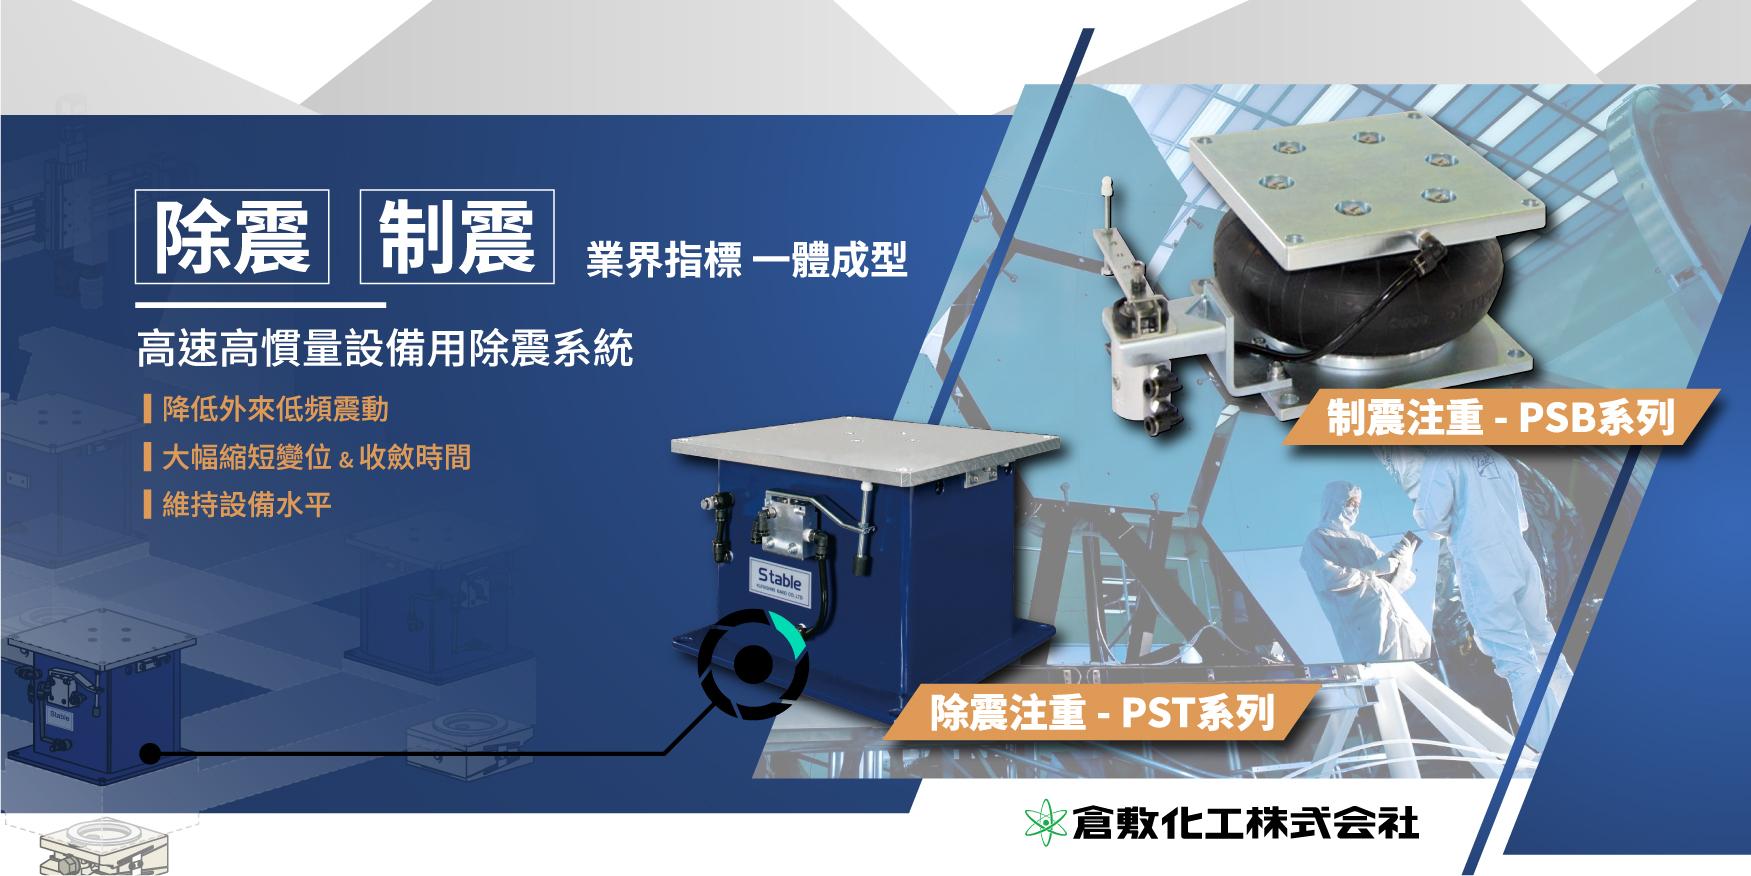 設備用除震&制震系統PST / PSB型